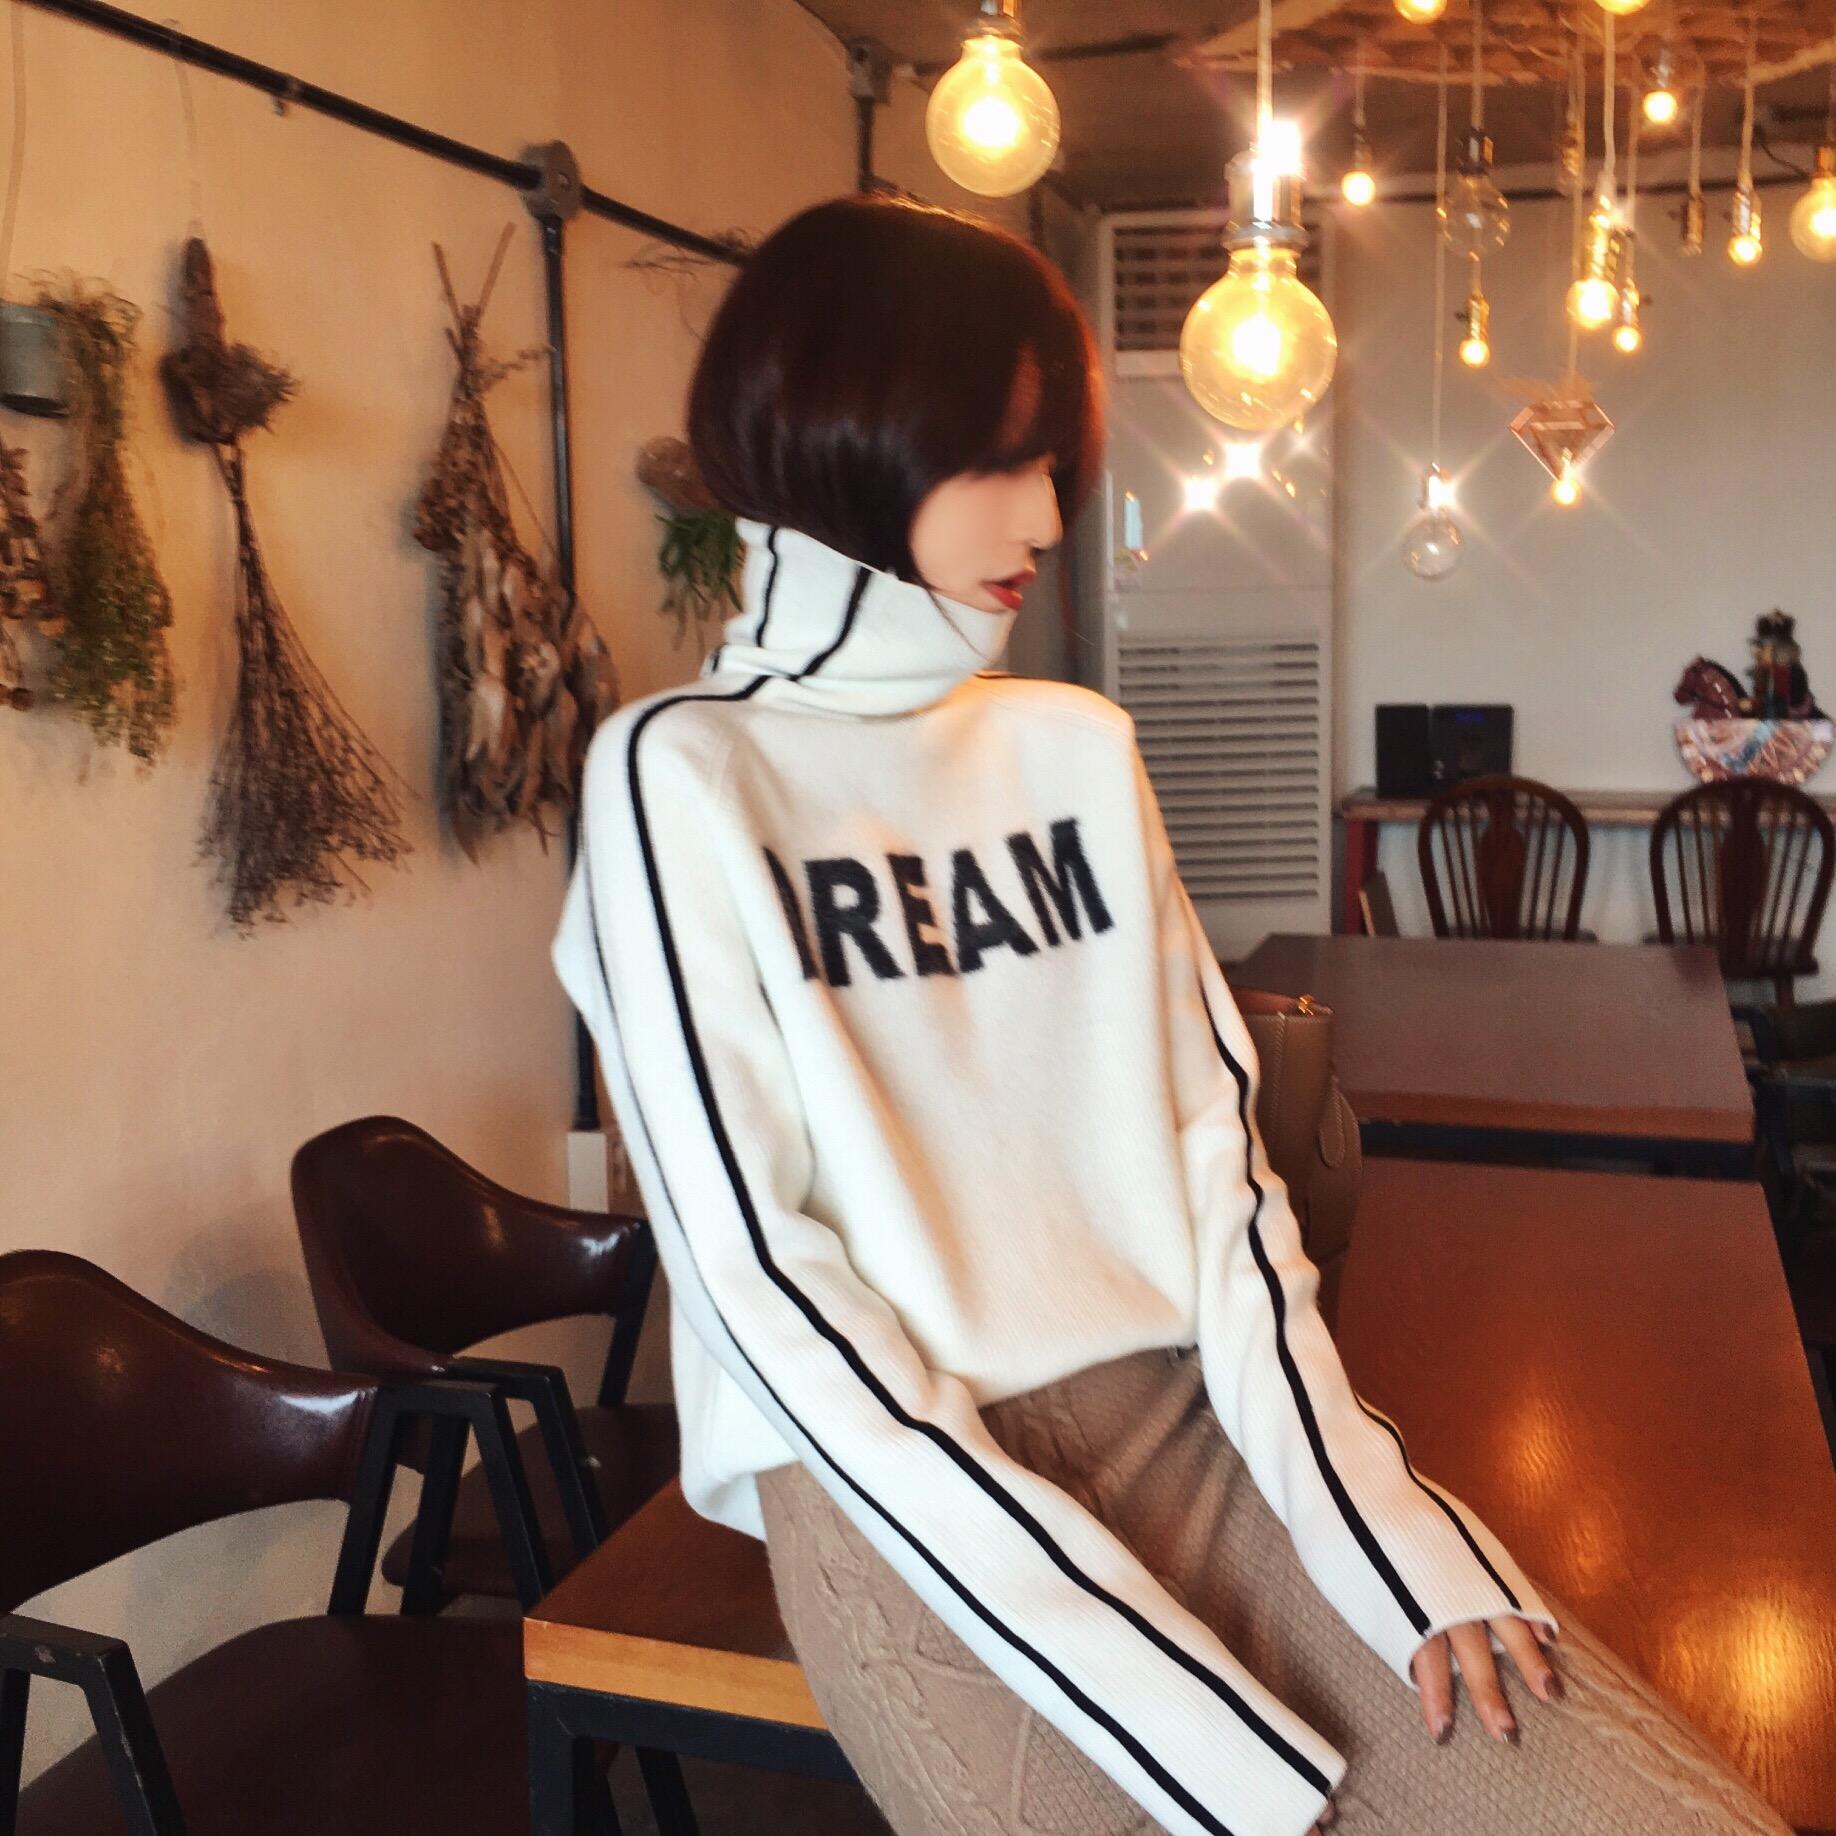 2017冬季新款韩版白色加厚短款套头高领毛衣女装内搭针织打底衫满50元减10元